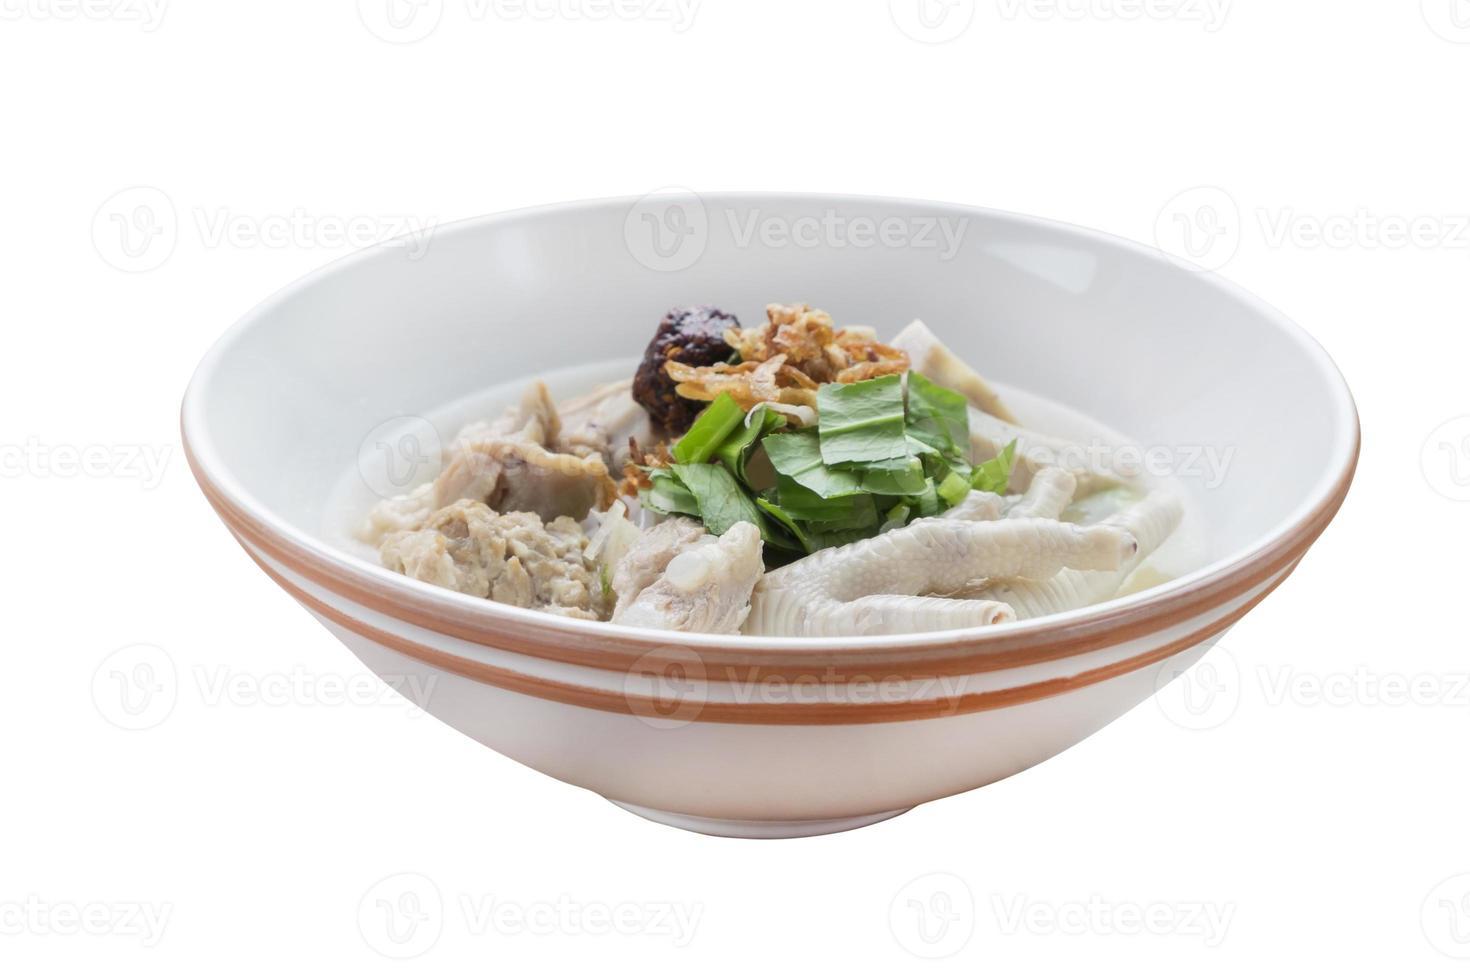 vietnamesischer Reisjub, vietnamesische Nudelsuppe foto